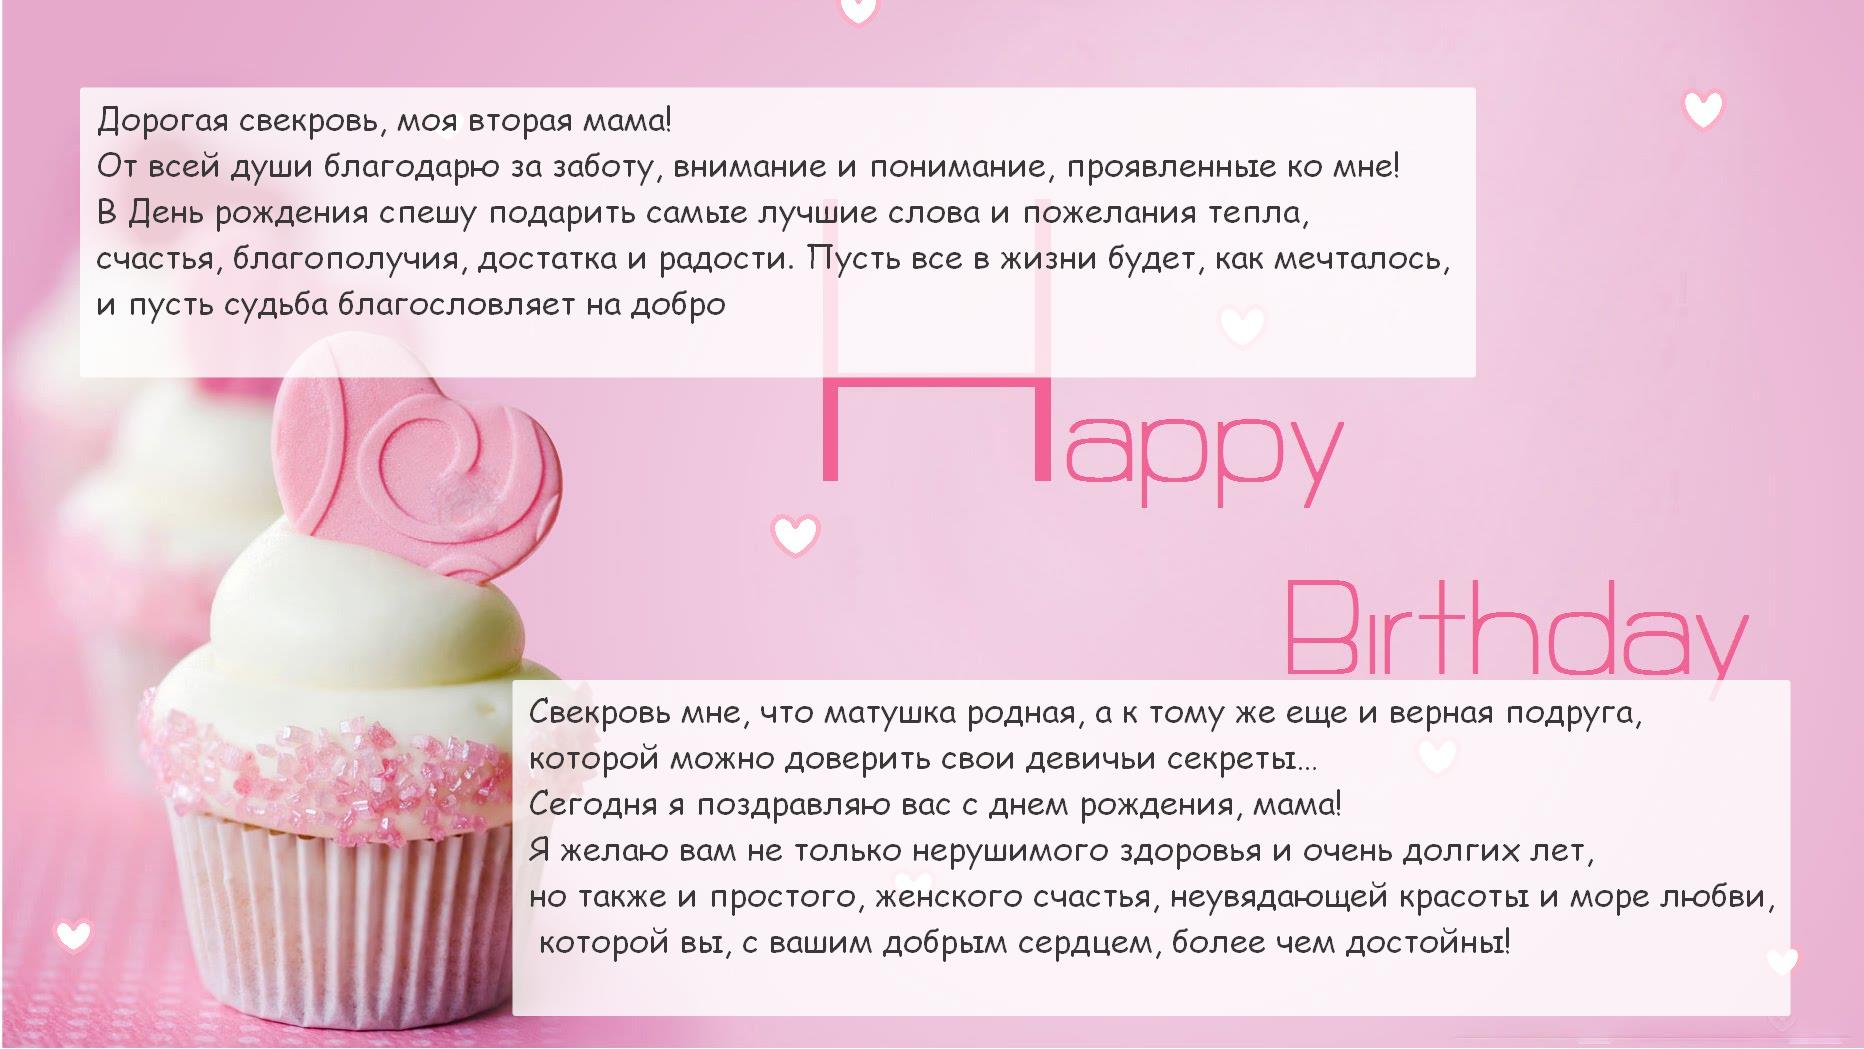 Душевные поздравления с днем рождения свекру в прозе